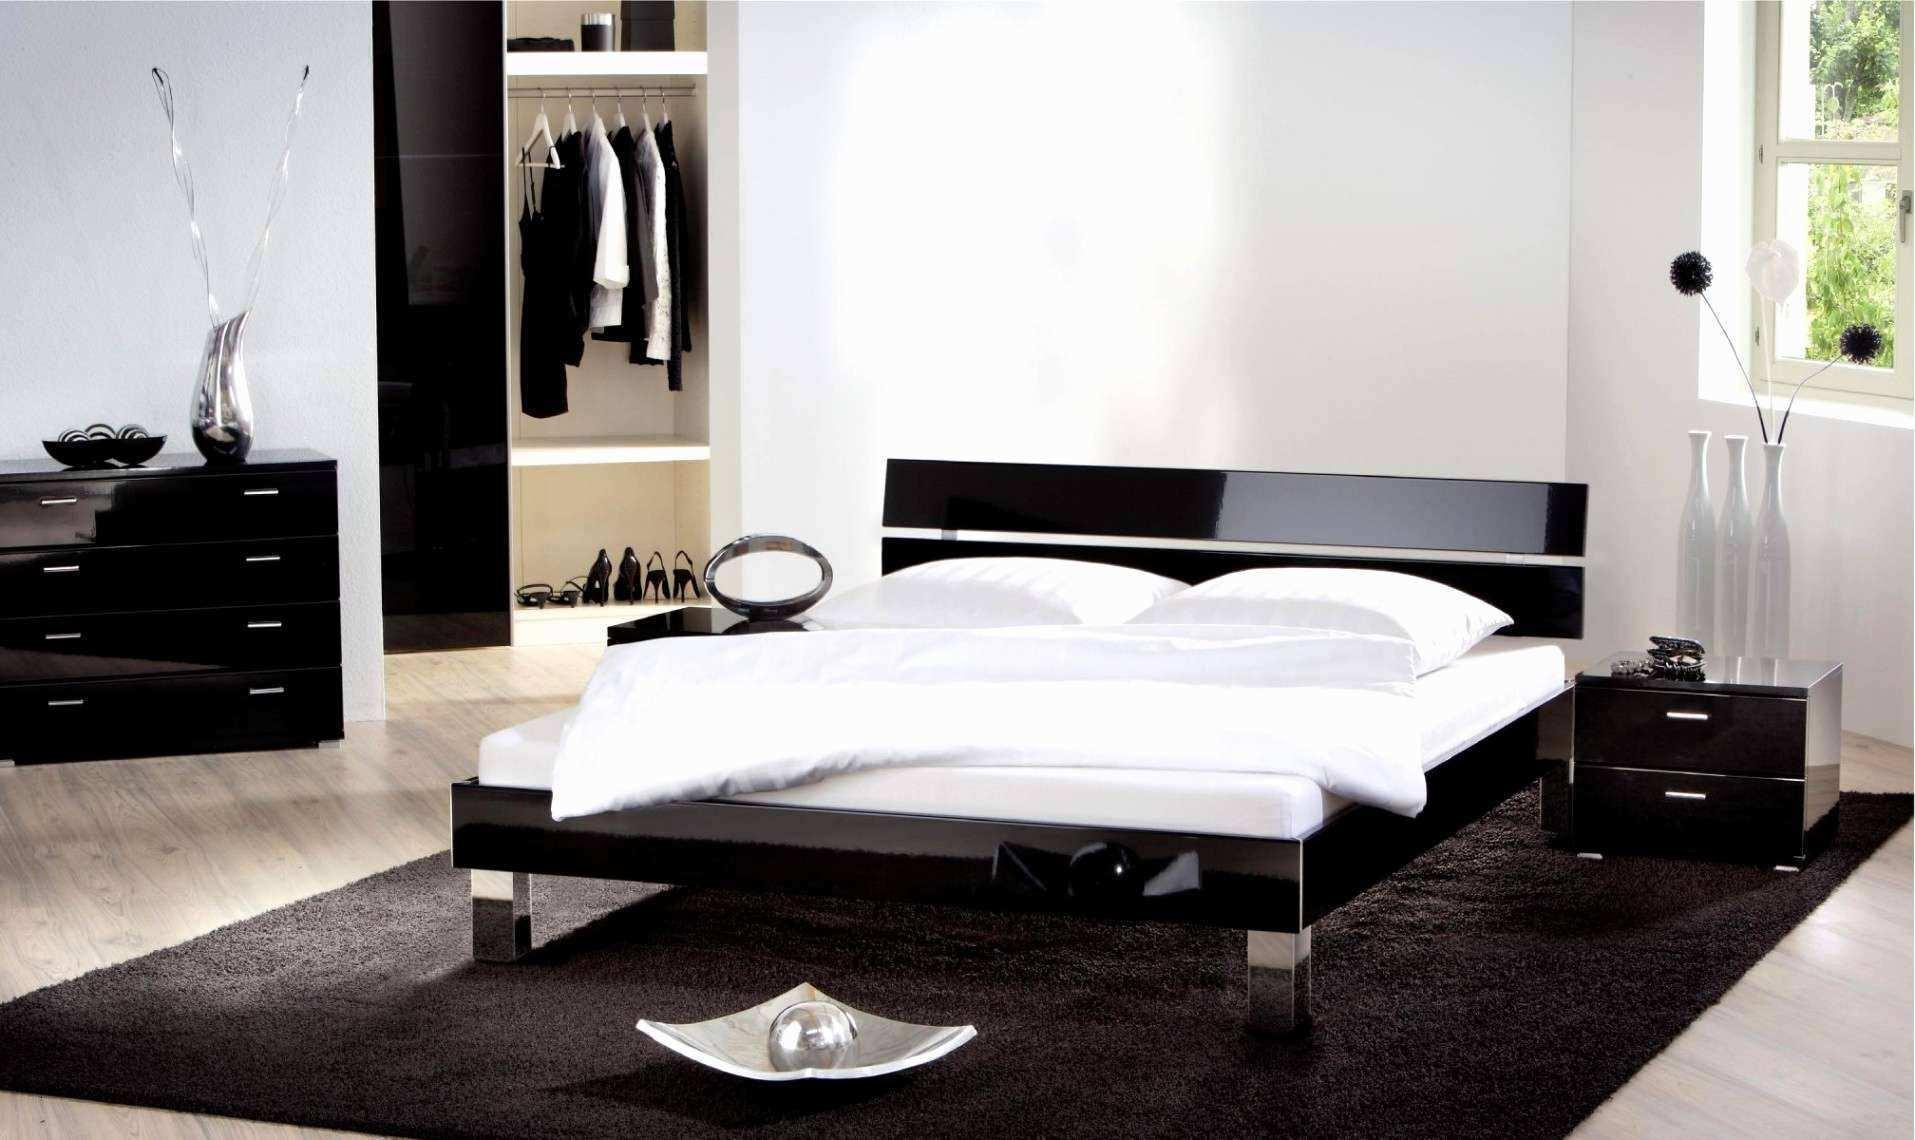 deko ideen schlafzimmer frisch luxus deko ideen diy attraktiv regal schlafzimmer 0d of deko ideen schlafzimmer